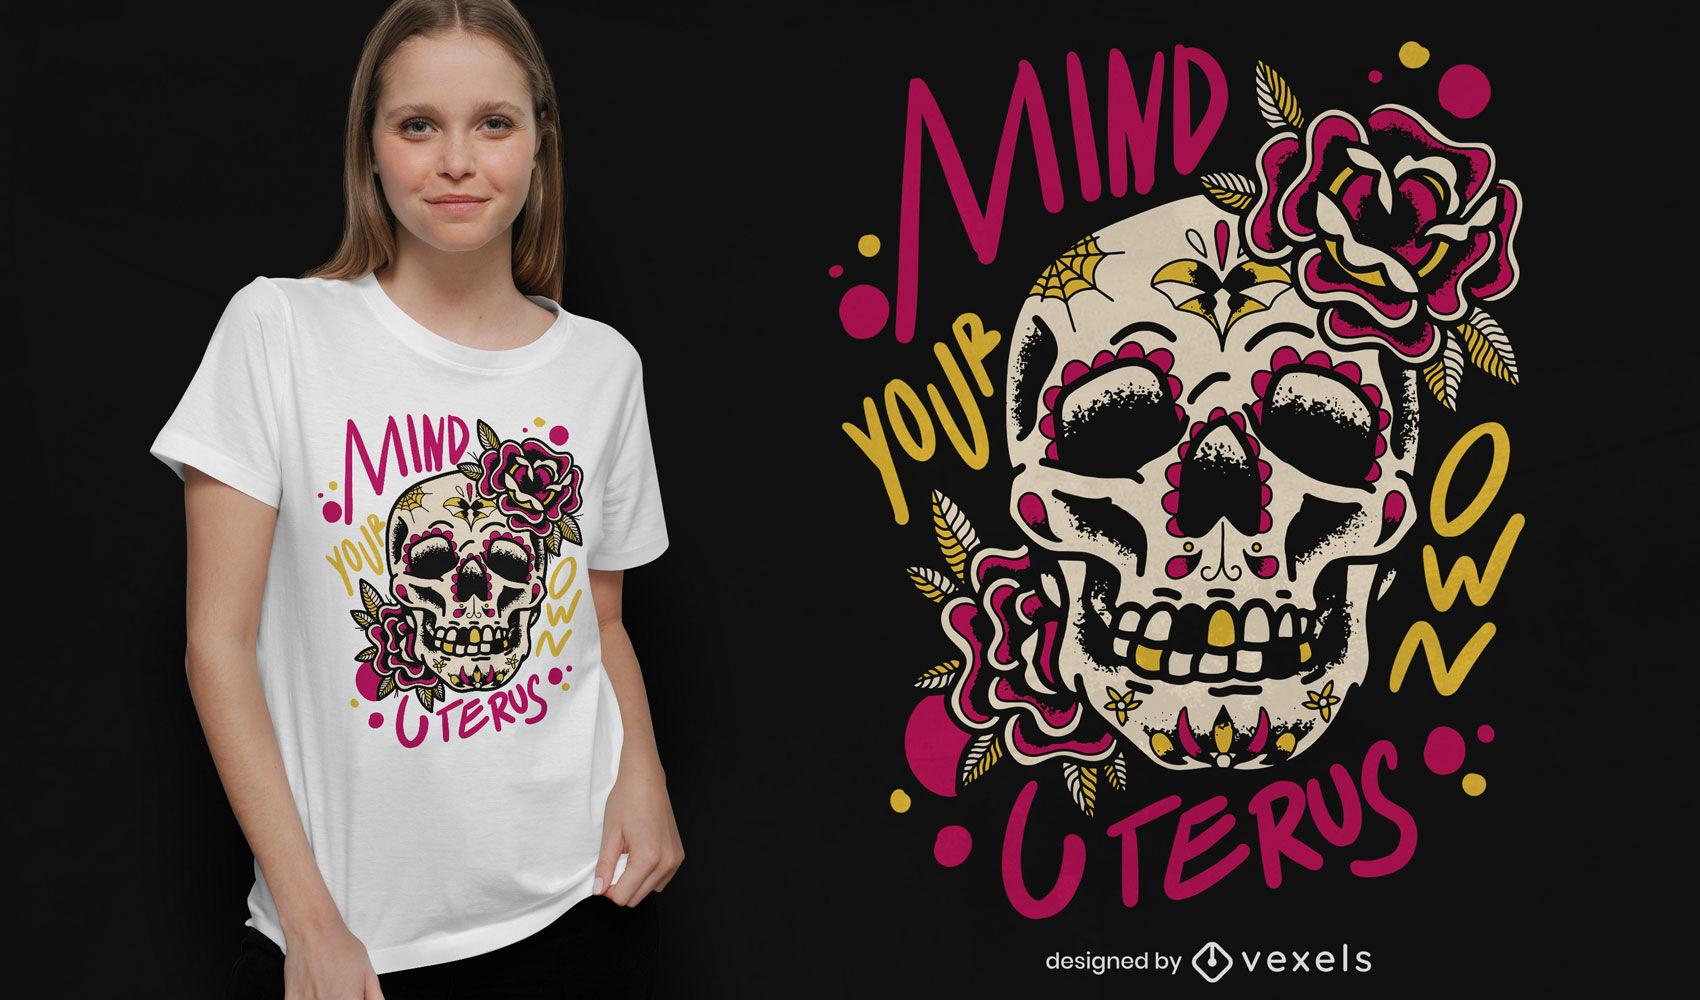 Uterus Zitat Blumenschädel-T-Shirt-Design